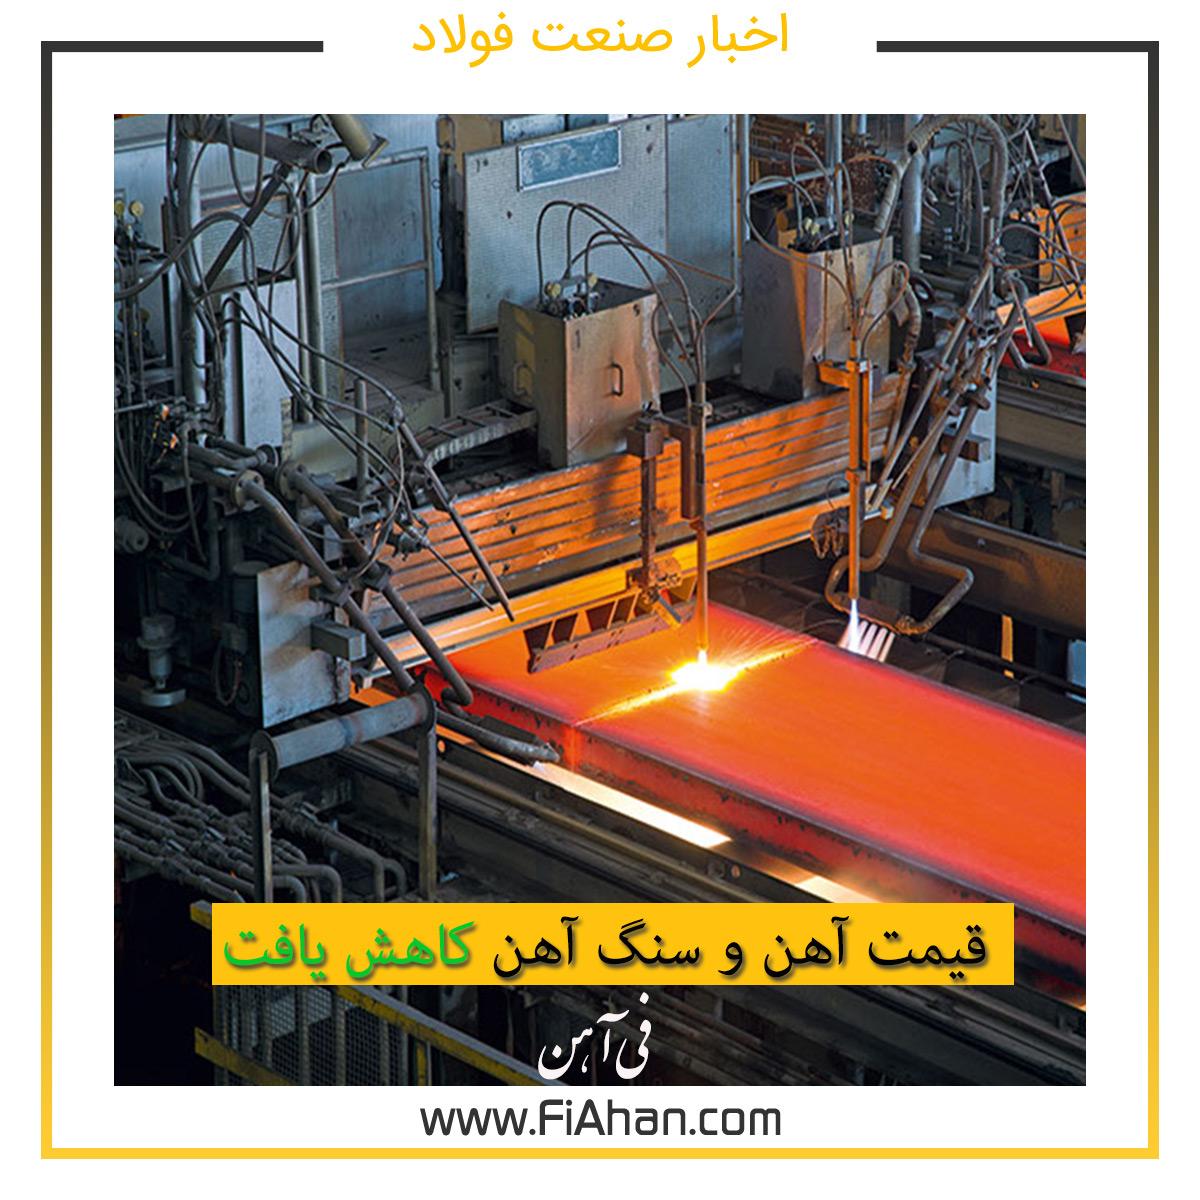 قیمت آهن و سنگ آهن کاهش یافت.